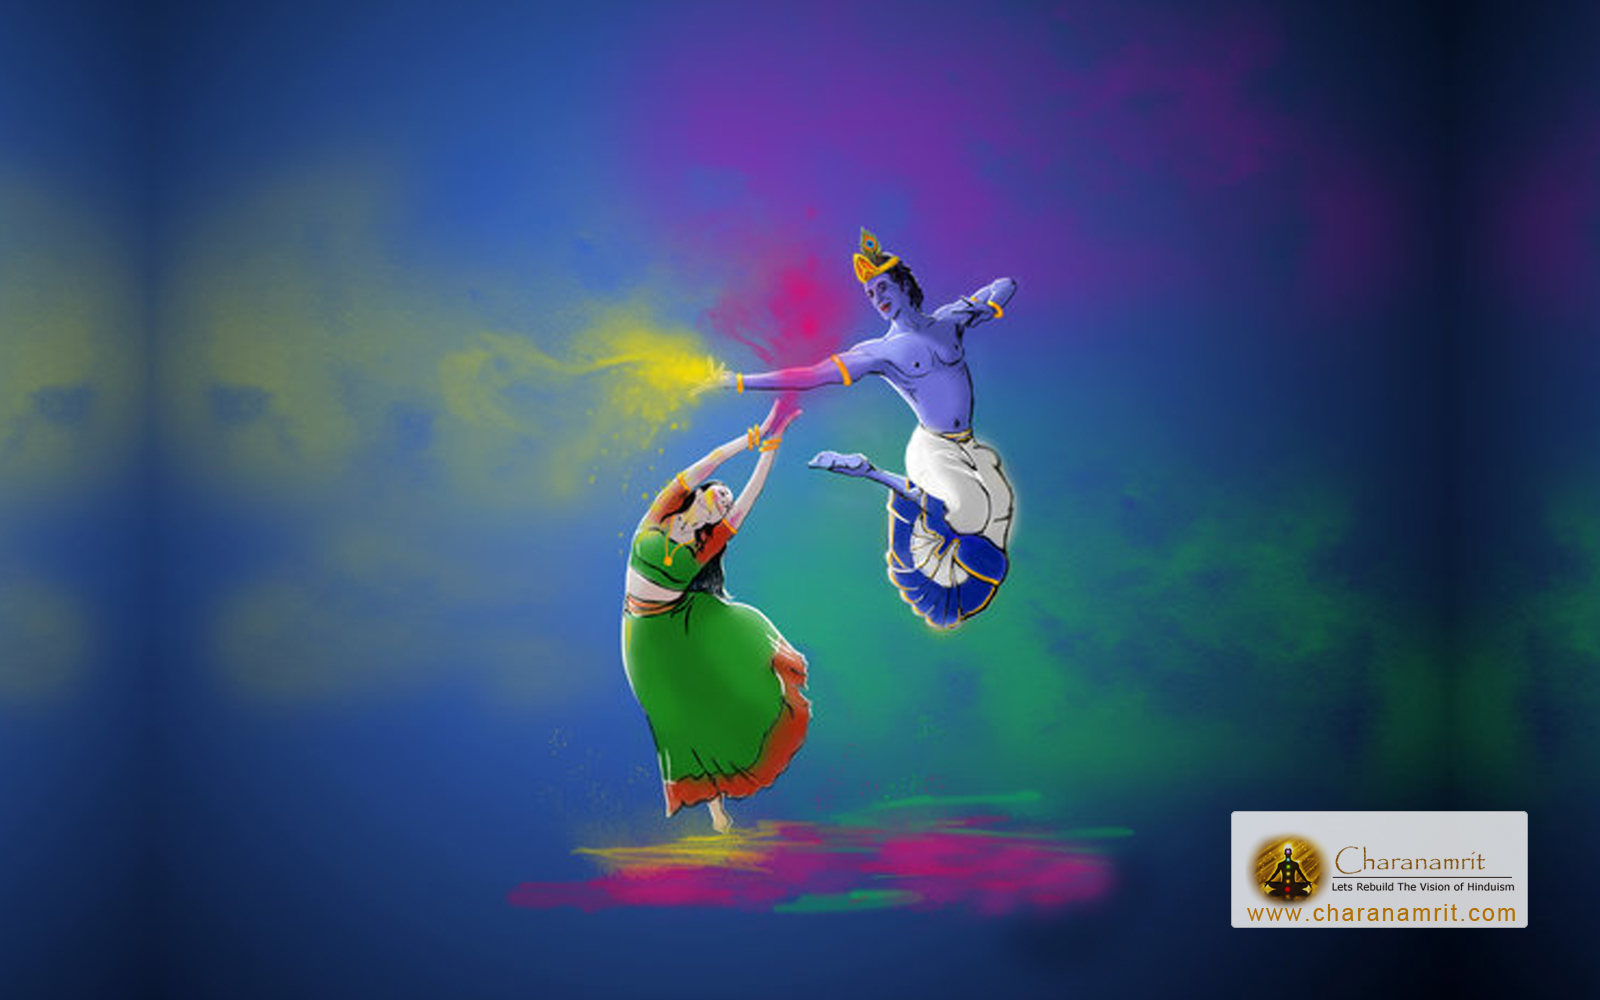 Happy holi radha krishna images - Holi Radha Krishna Wallpaper